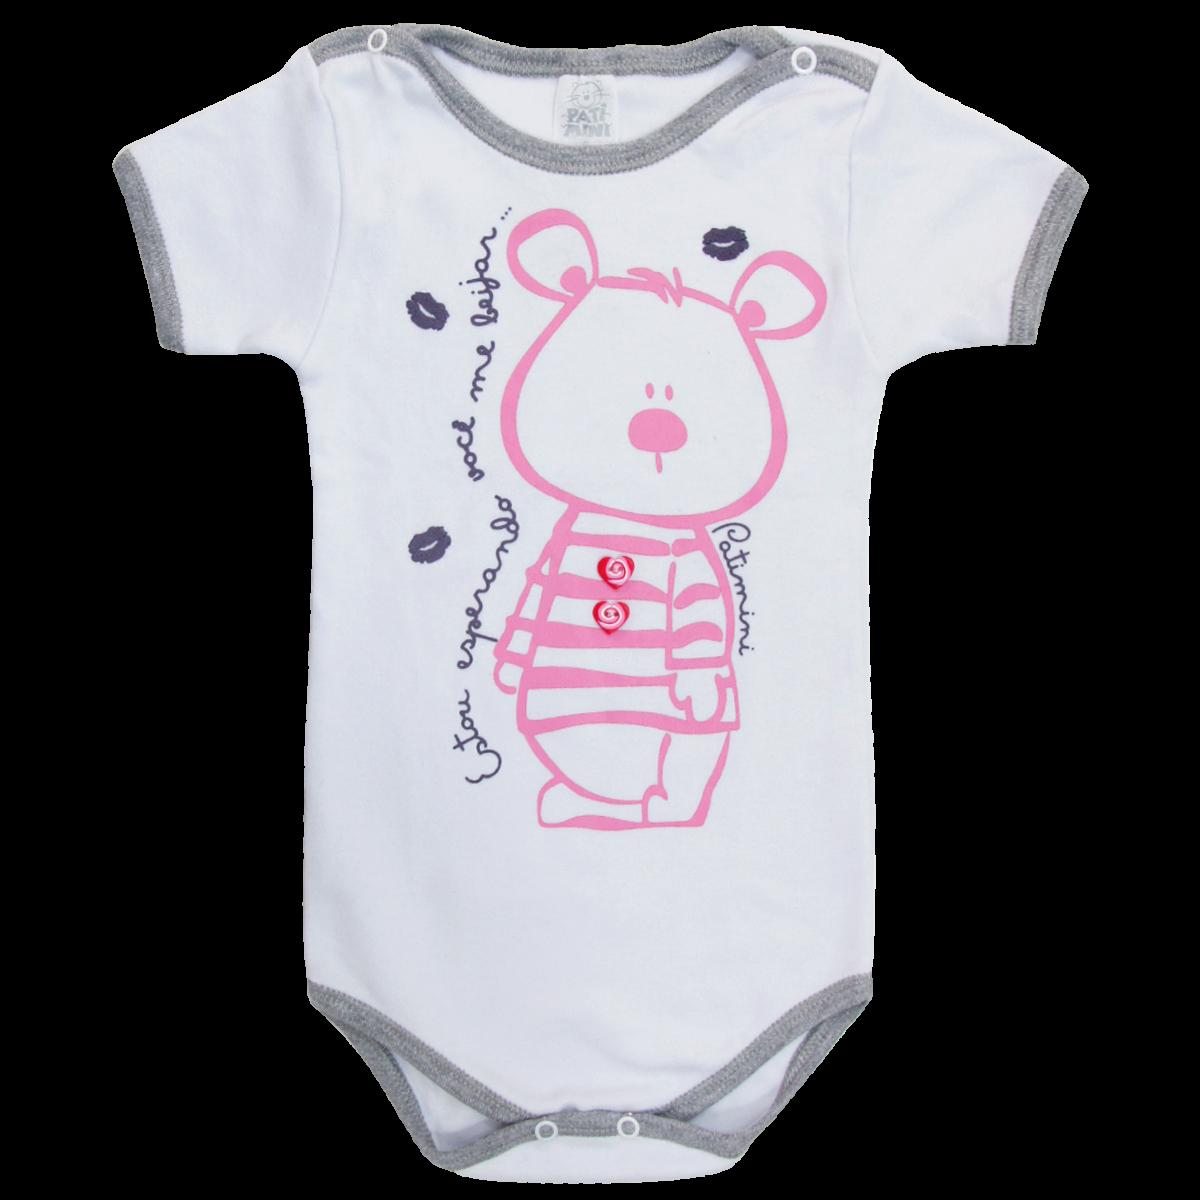 c1cc8a7b9 Body de Bebê Menina- 764 Kids